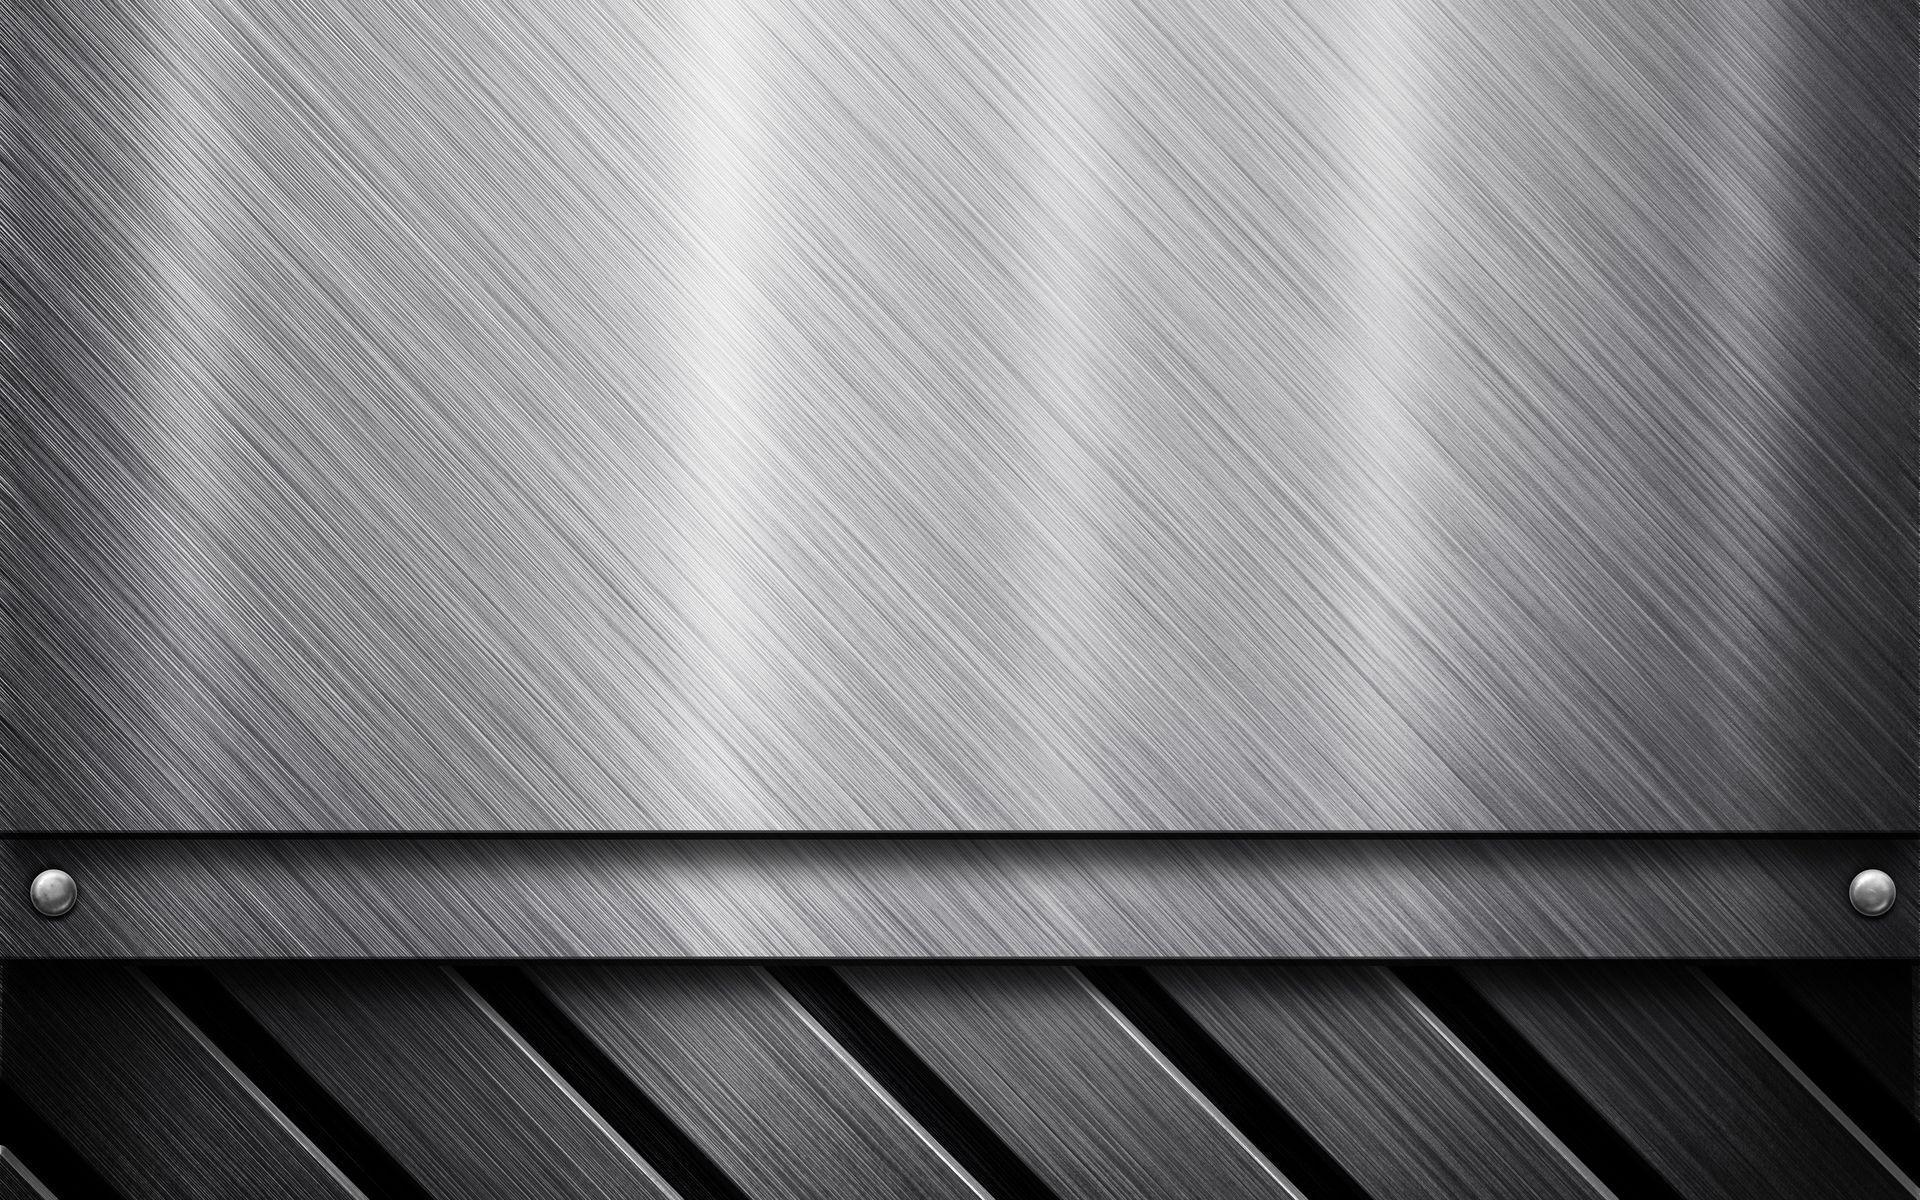 Futuristic Metal Patterns